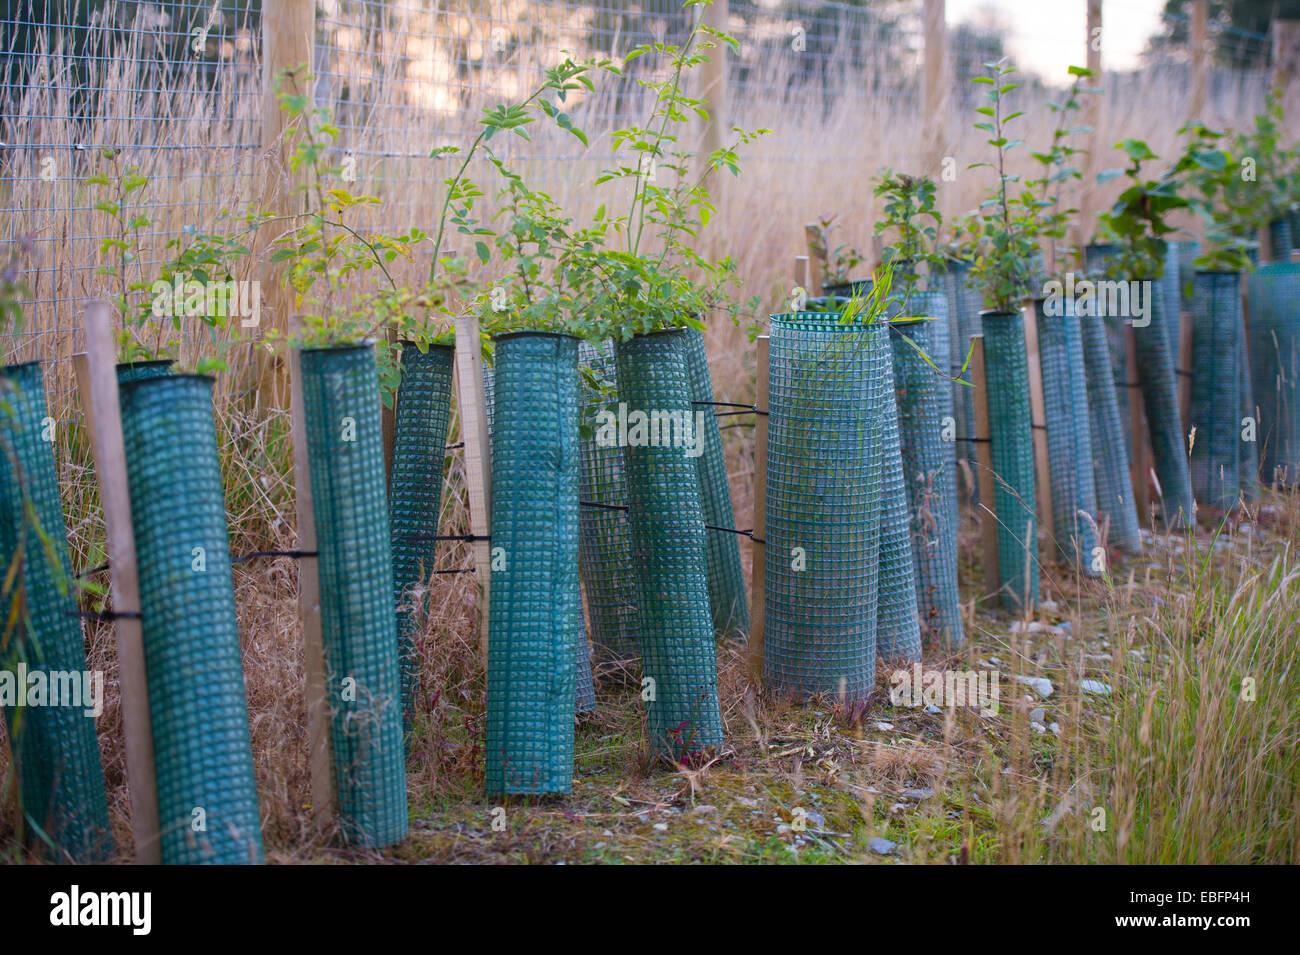 Arbre Fruitier D Intérieur une rangée de jeunes plants d'arbres fruitiers plantés à l